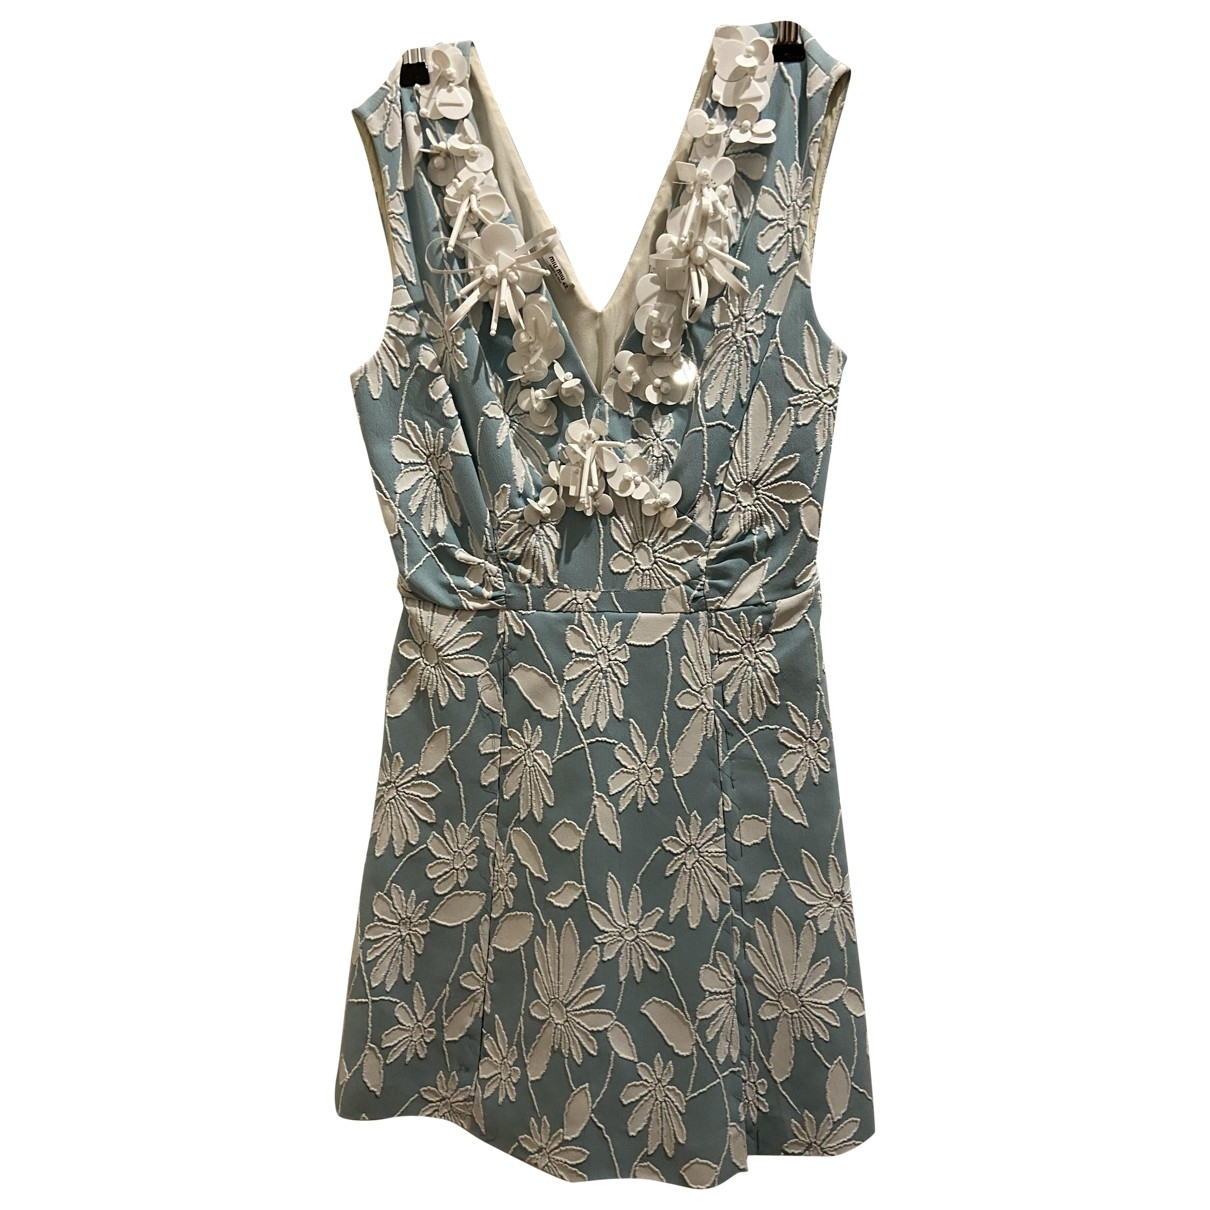 Miu Miu \N Kleid in  Gruen Viskose